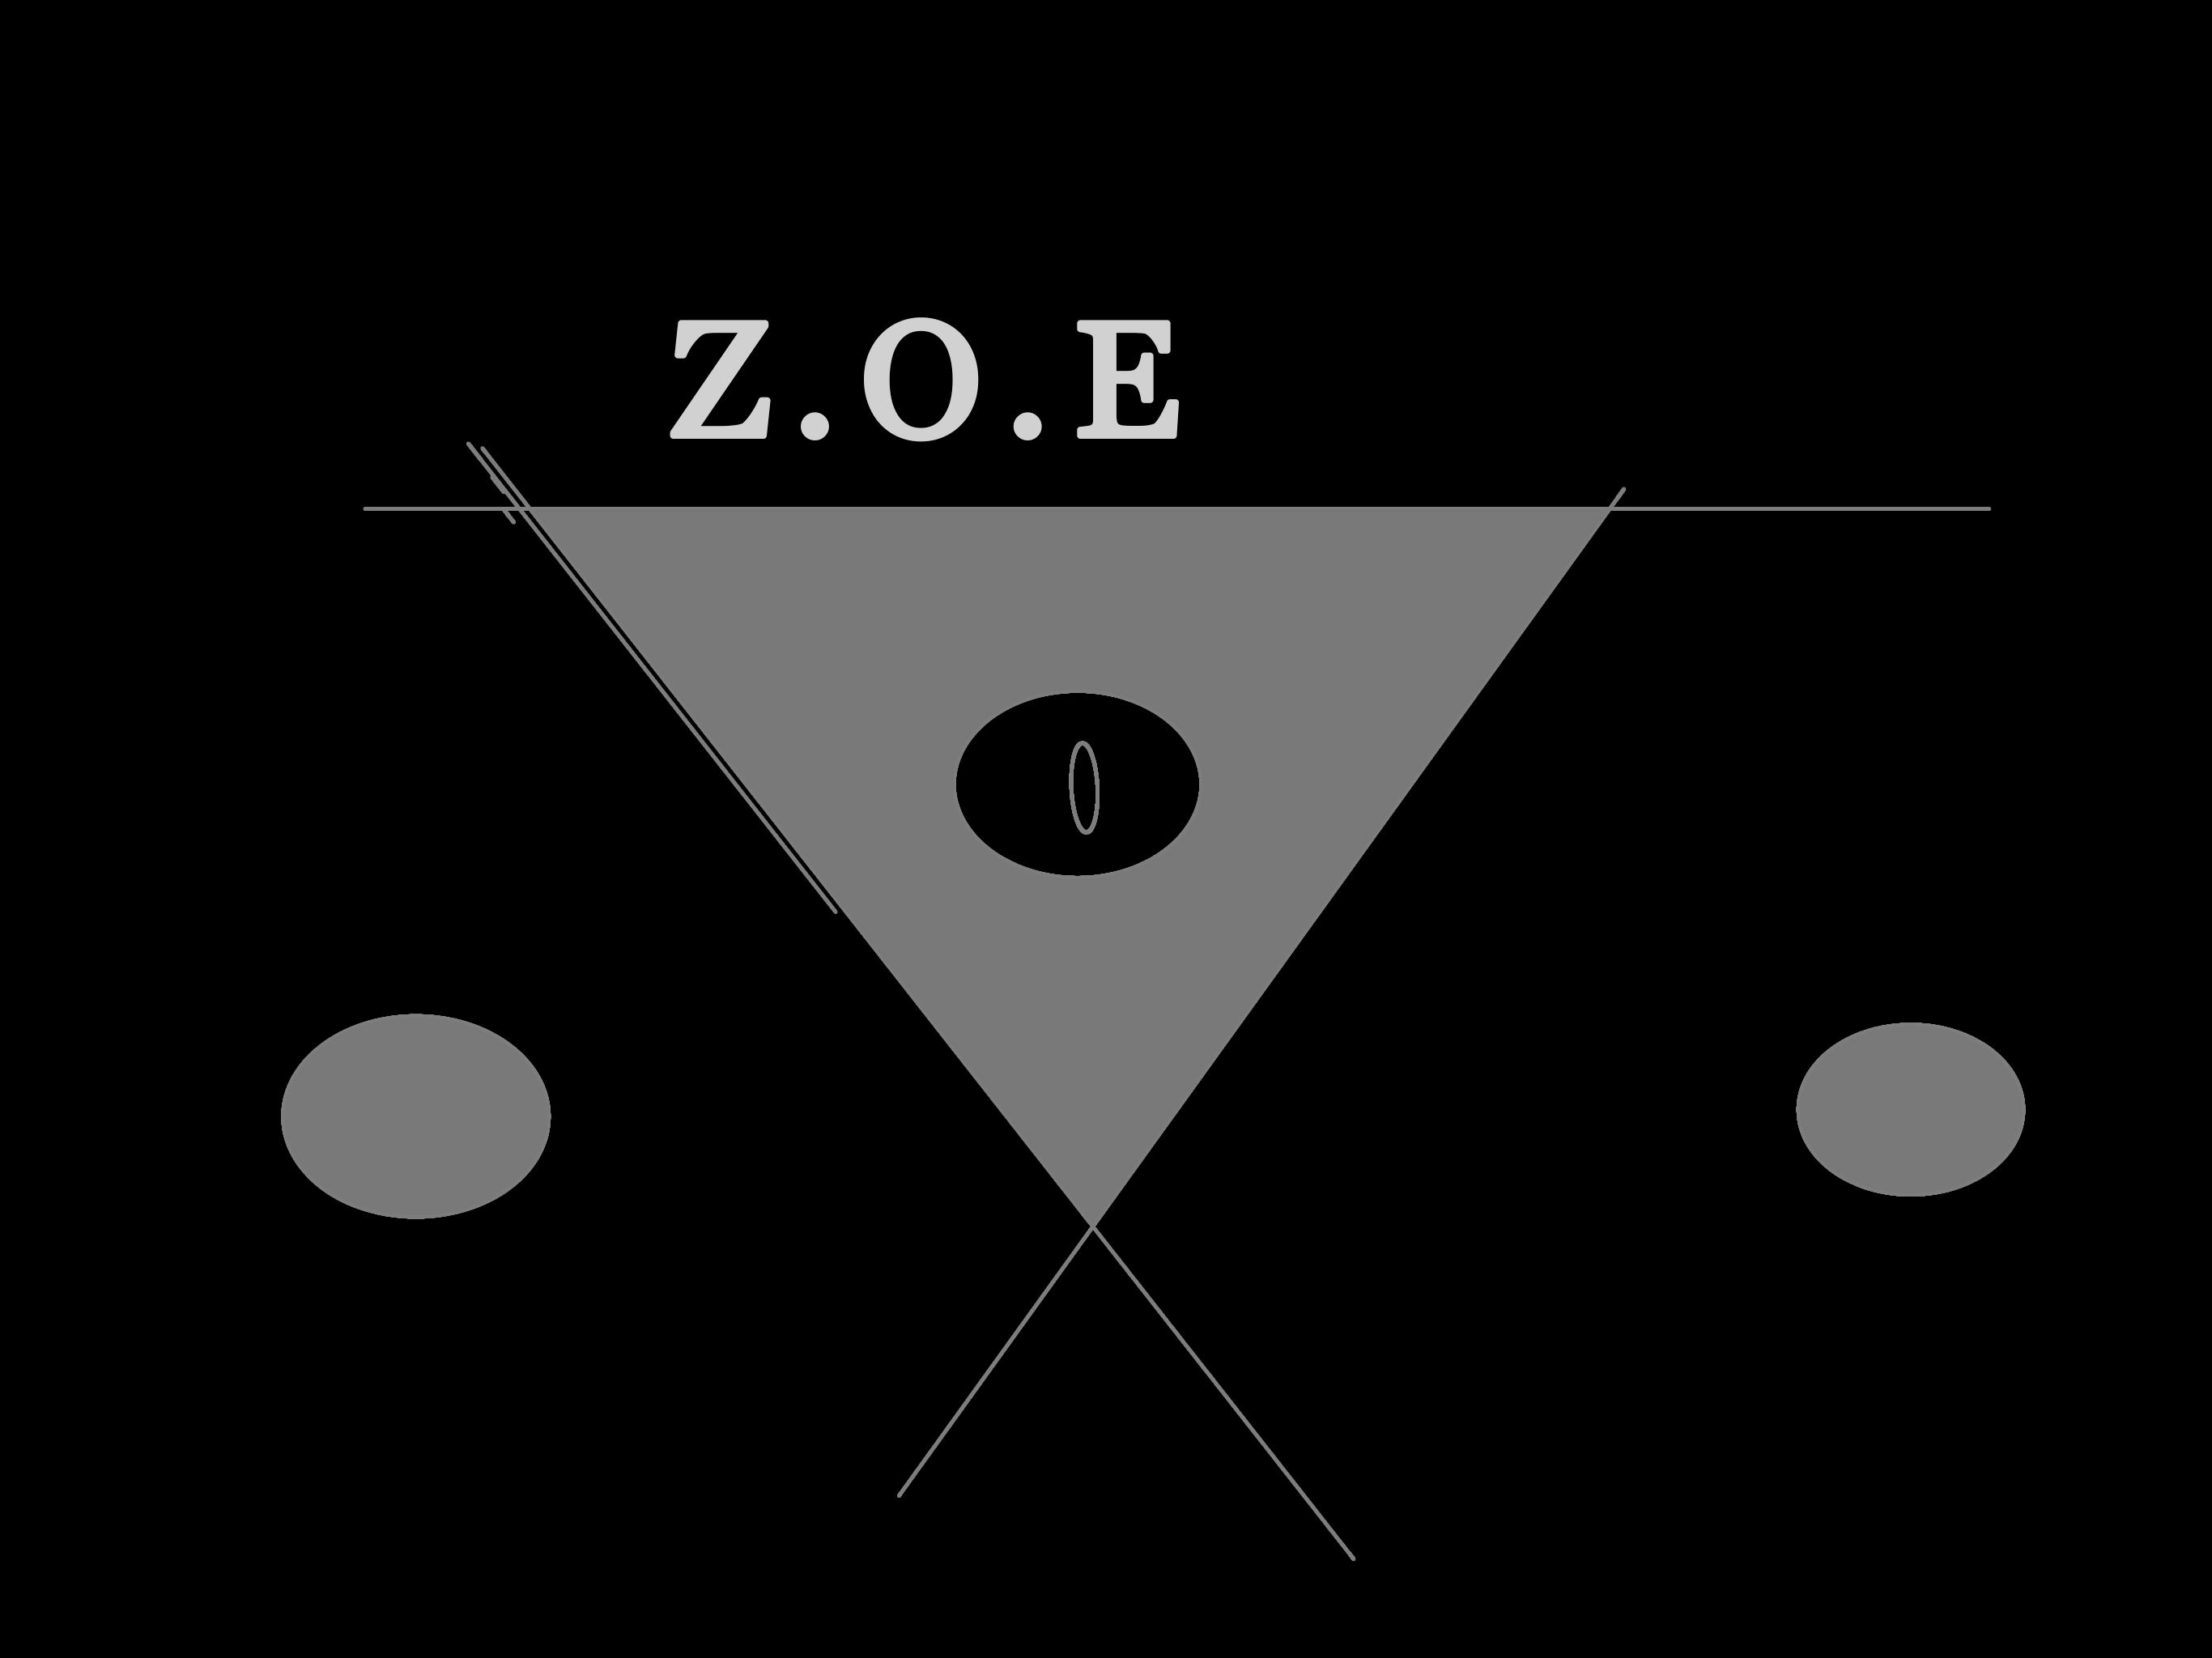 Z.O.E